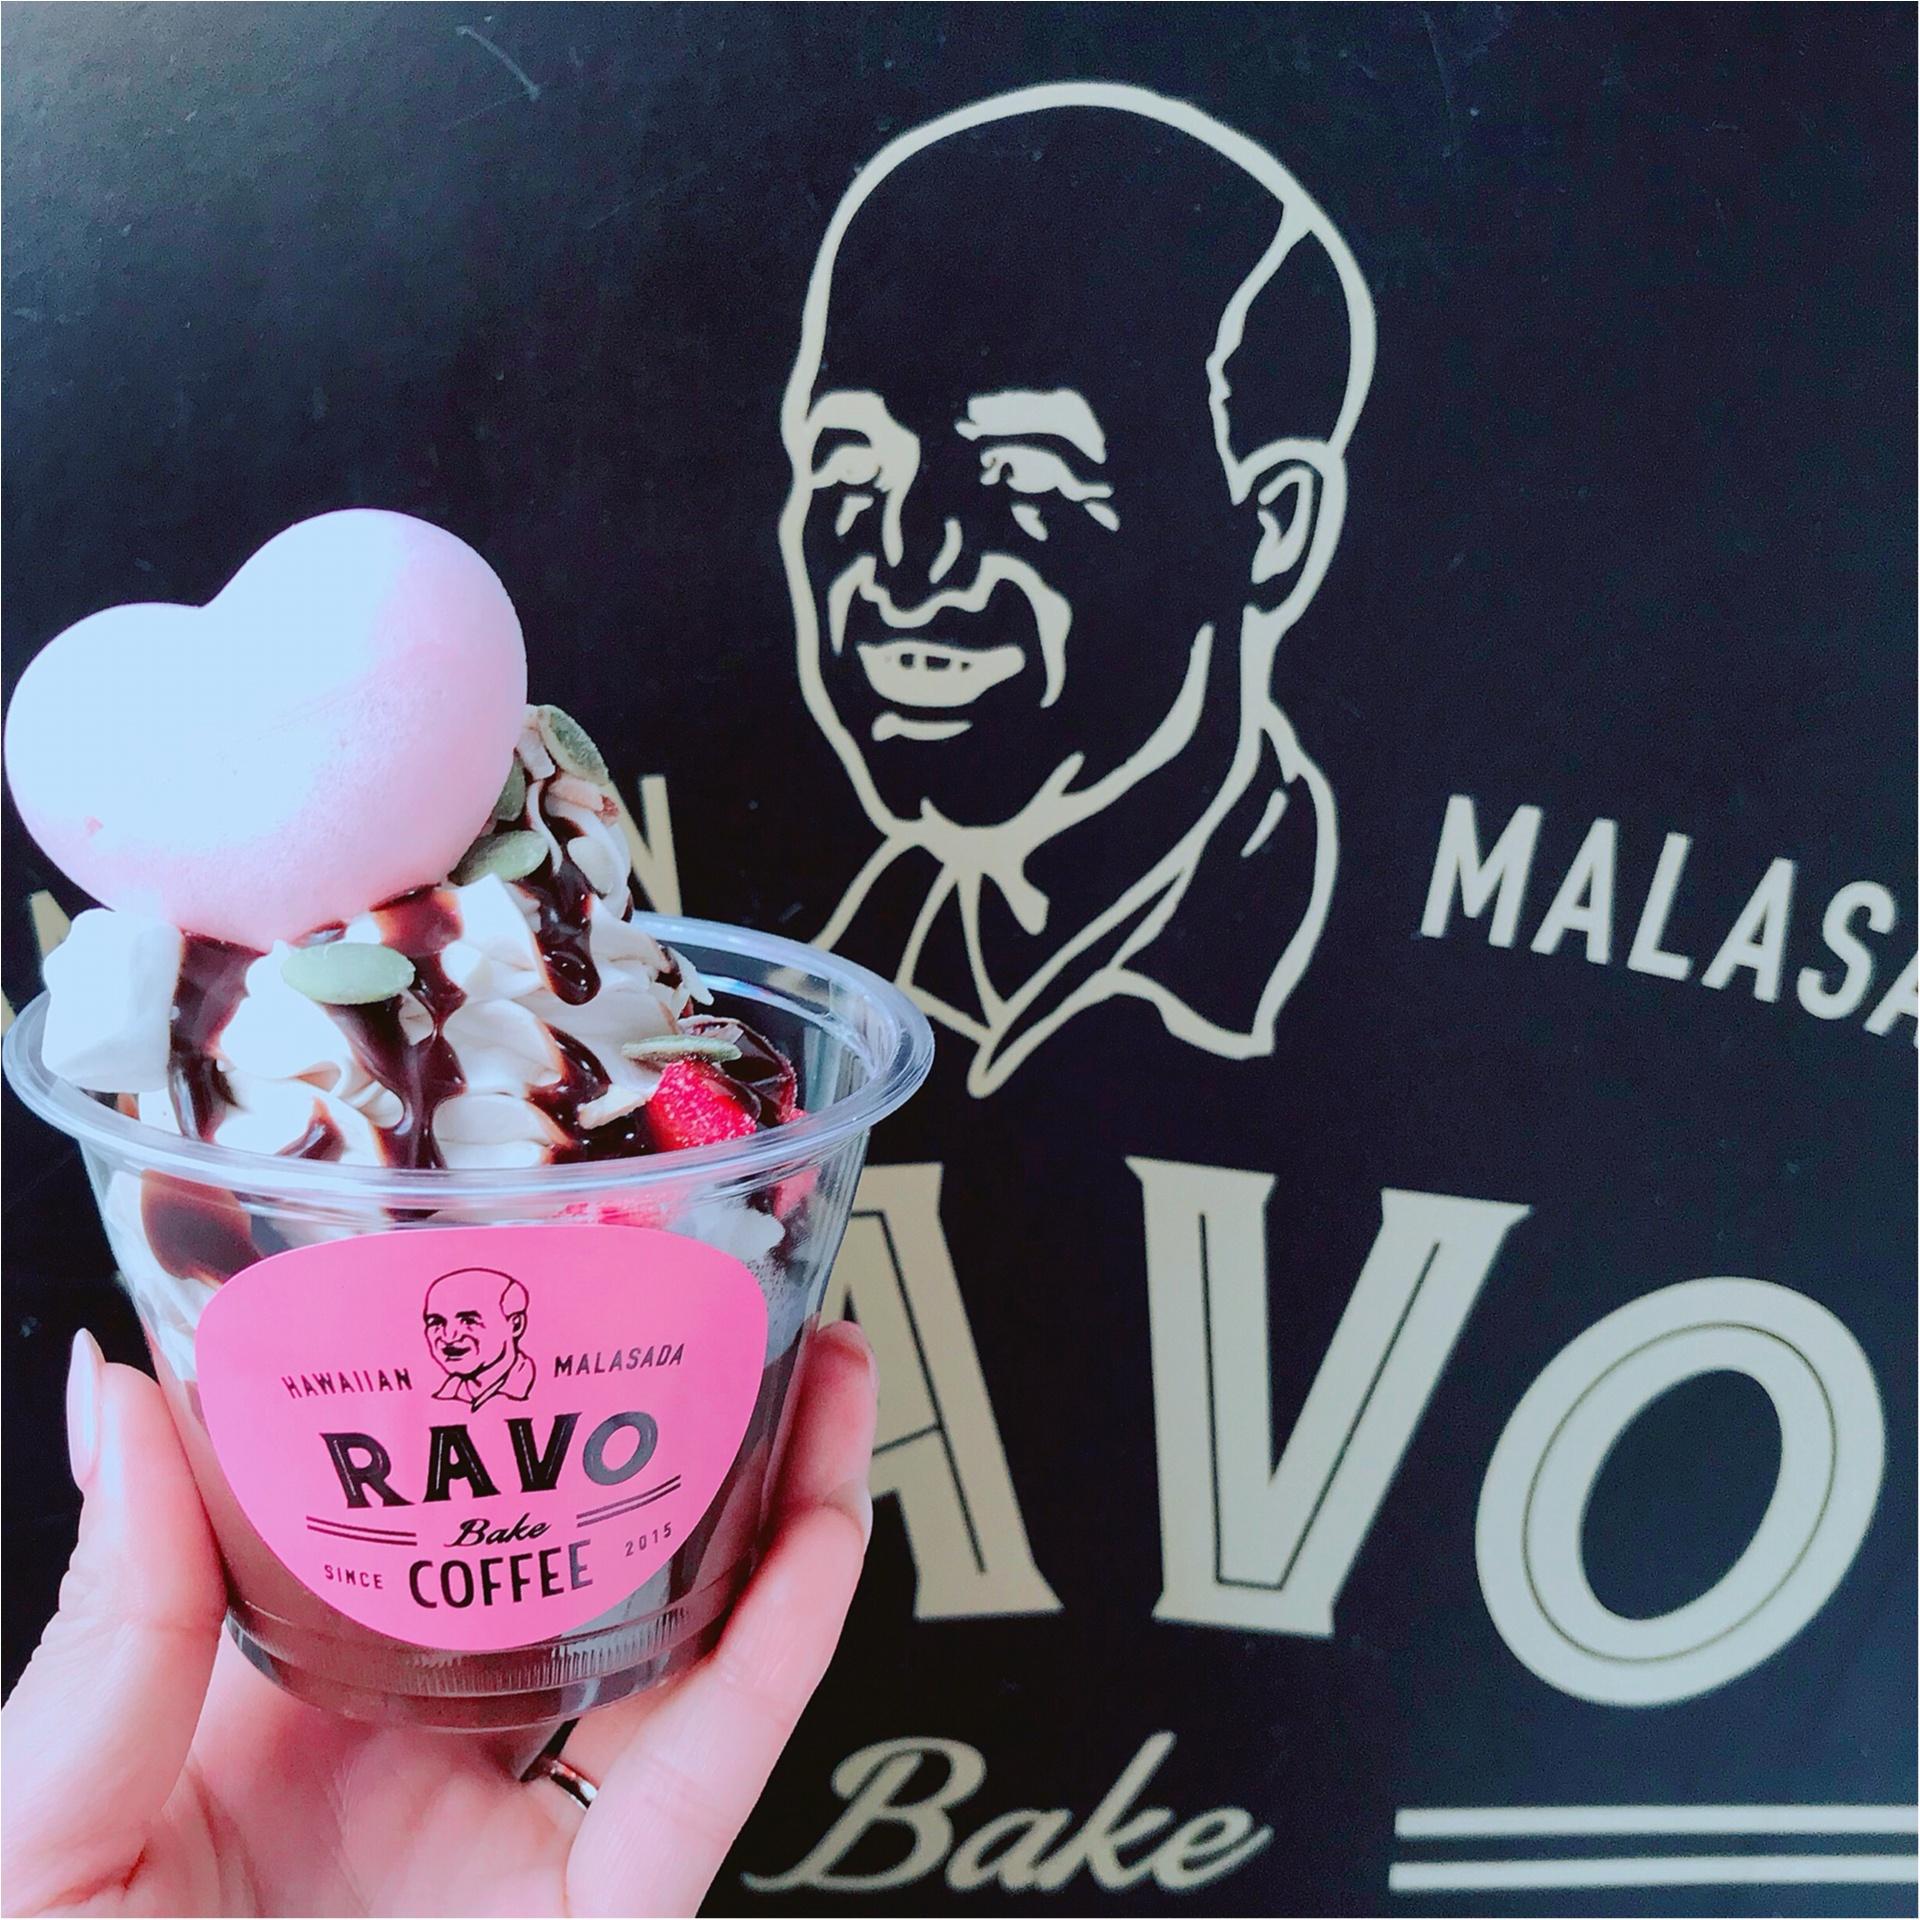 ★お洒落なマラサダに一目惚れ!神戸のお洒落エリアにあるスタンド『RAVO BAKE COFFEE』が素敵★_3